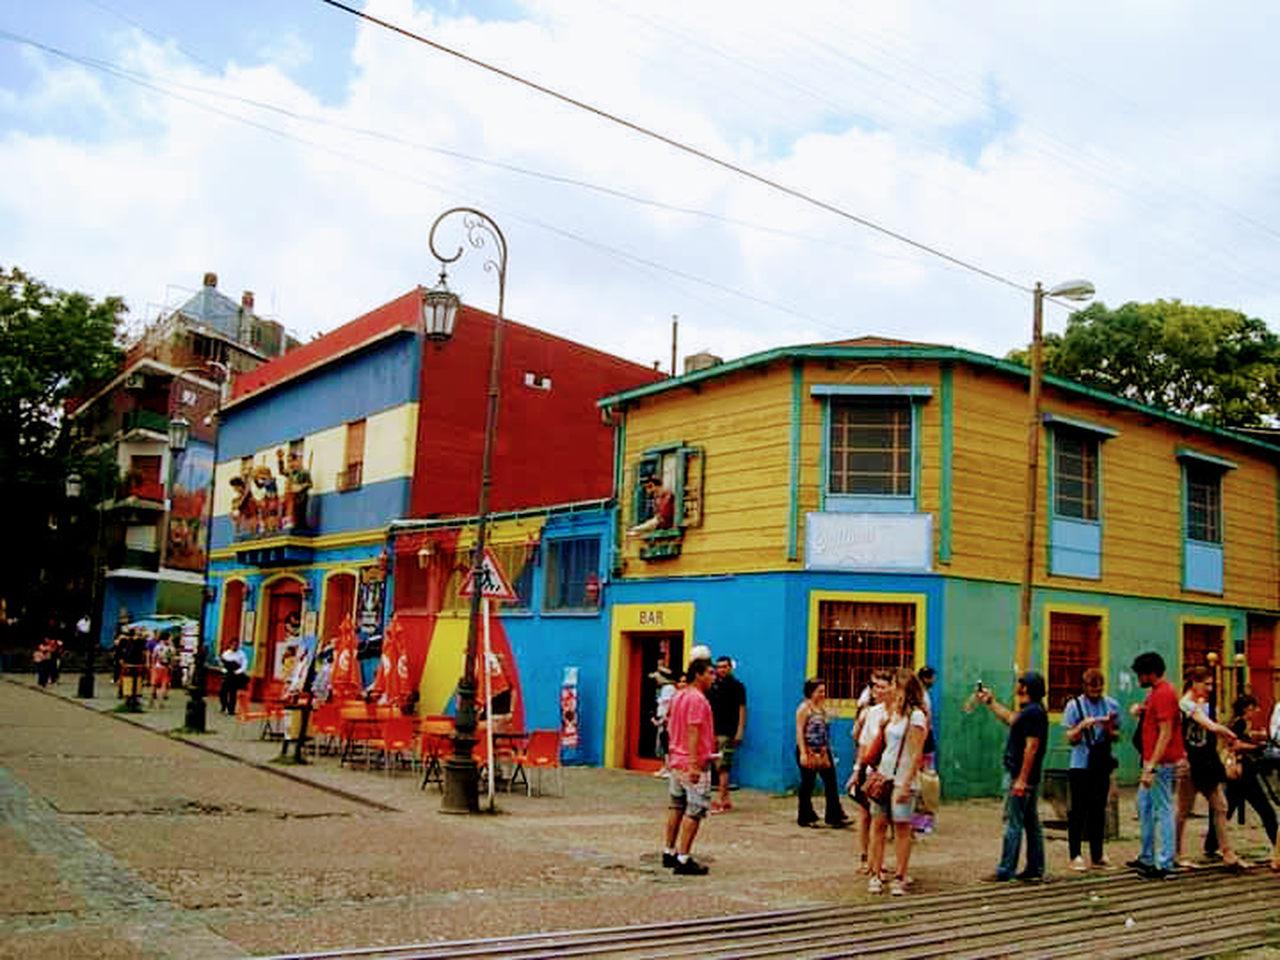 Bairro La Boca, Buenos Aires.